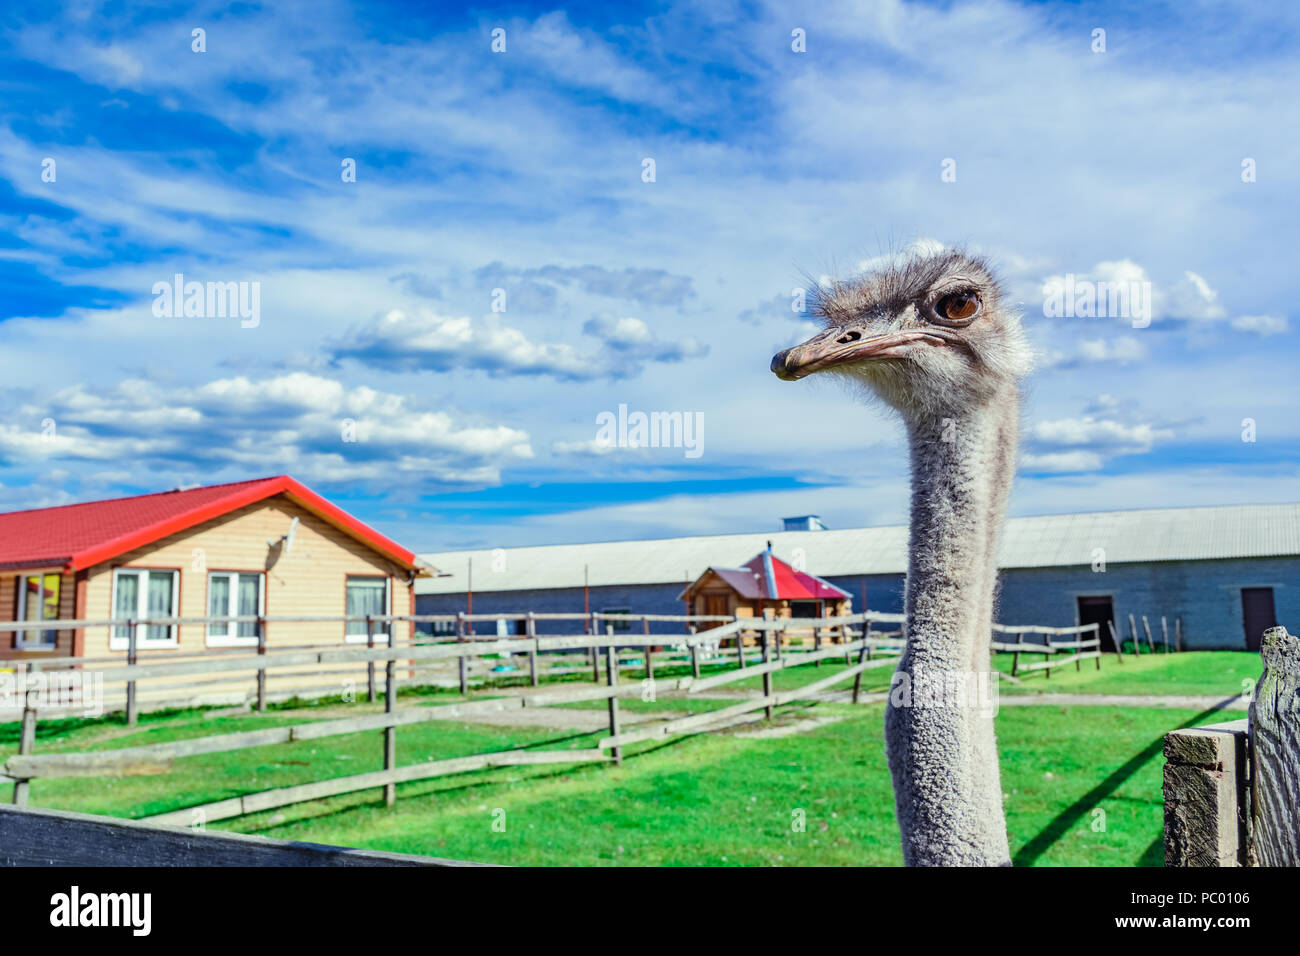 Strauß in einer Farm mit grünem Gras und blauer Himmel schauen durch Zaun Stockbild